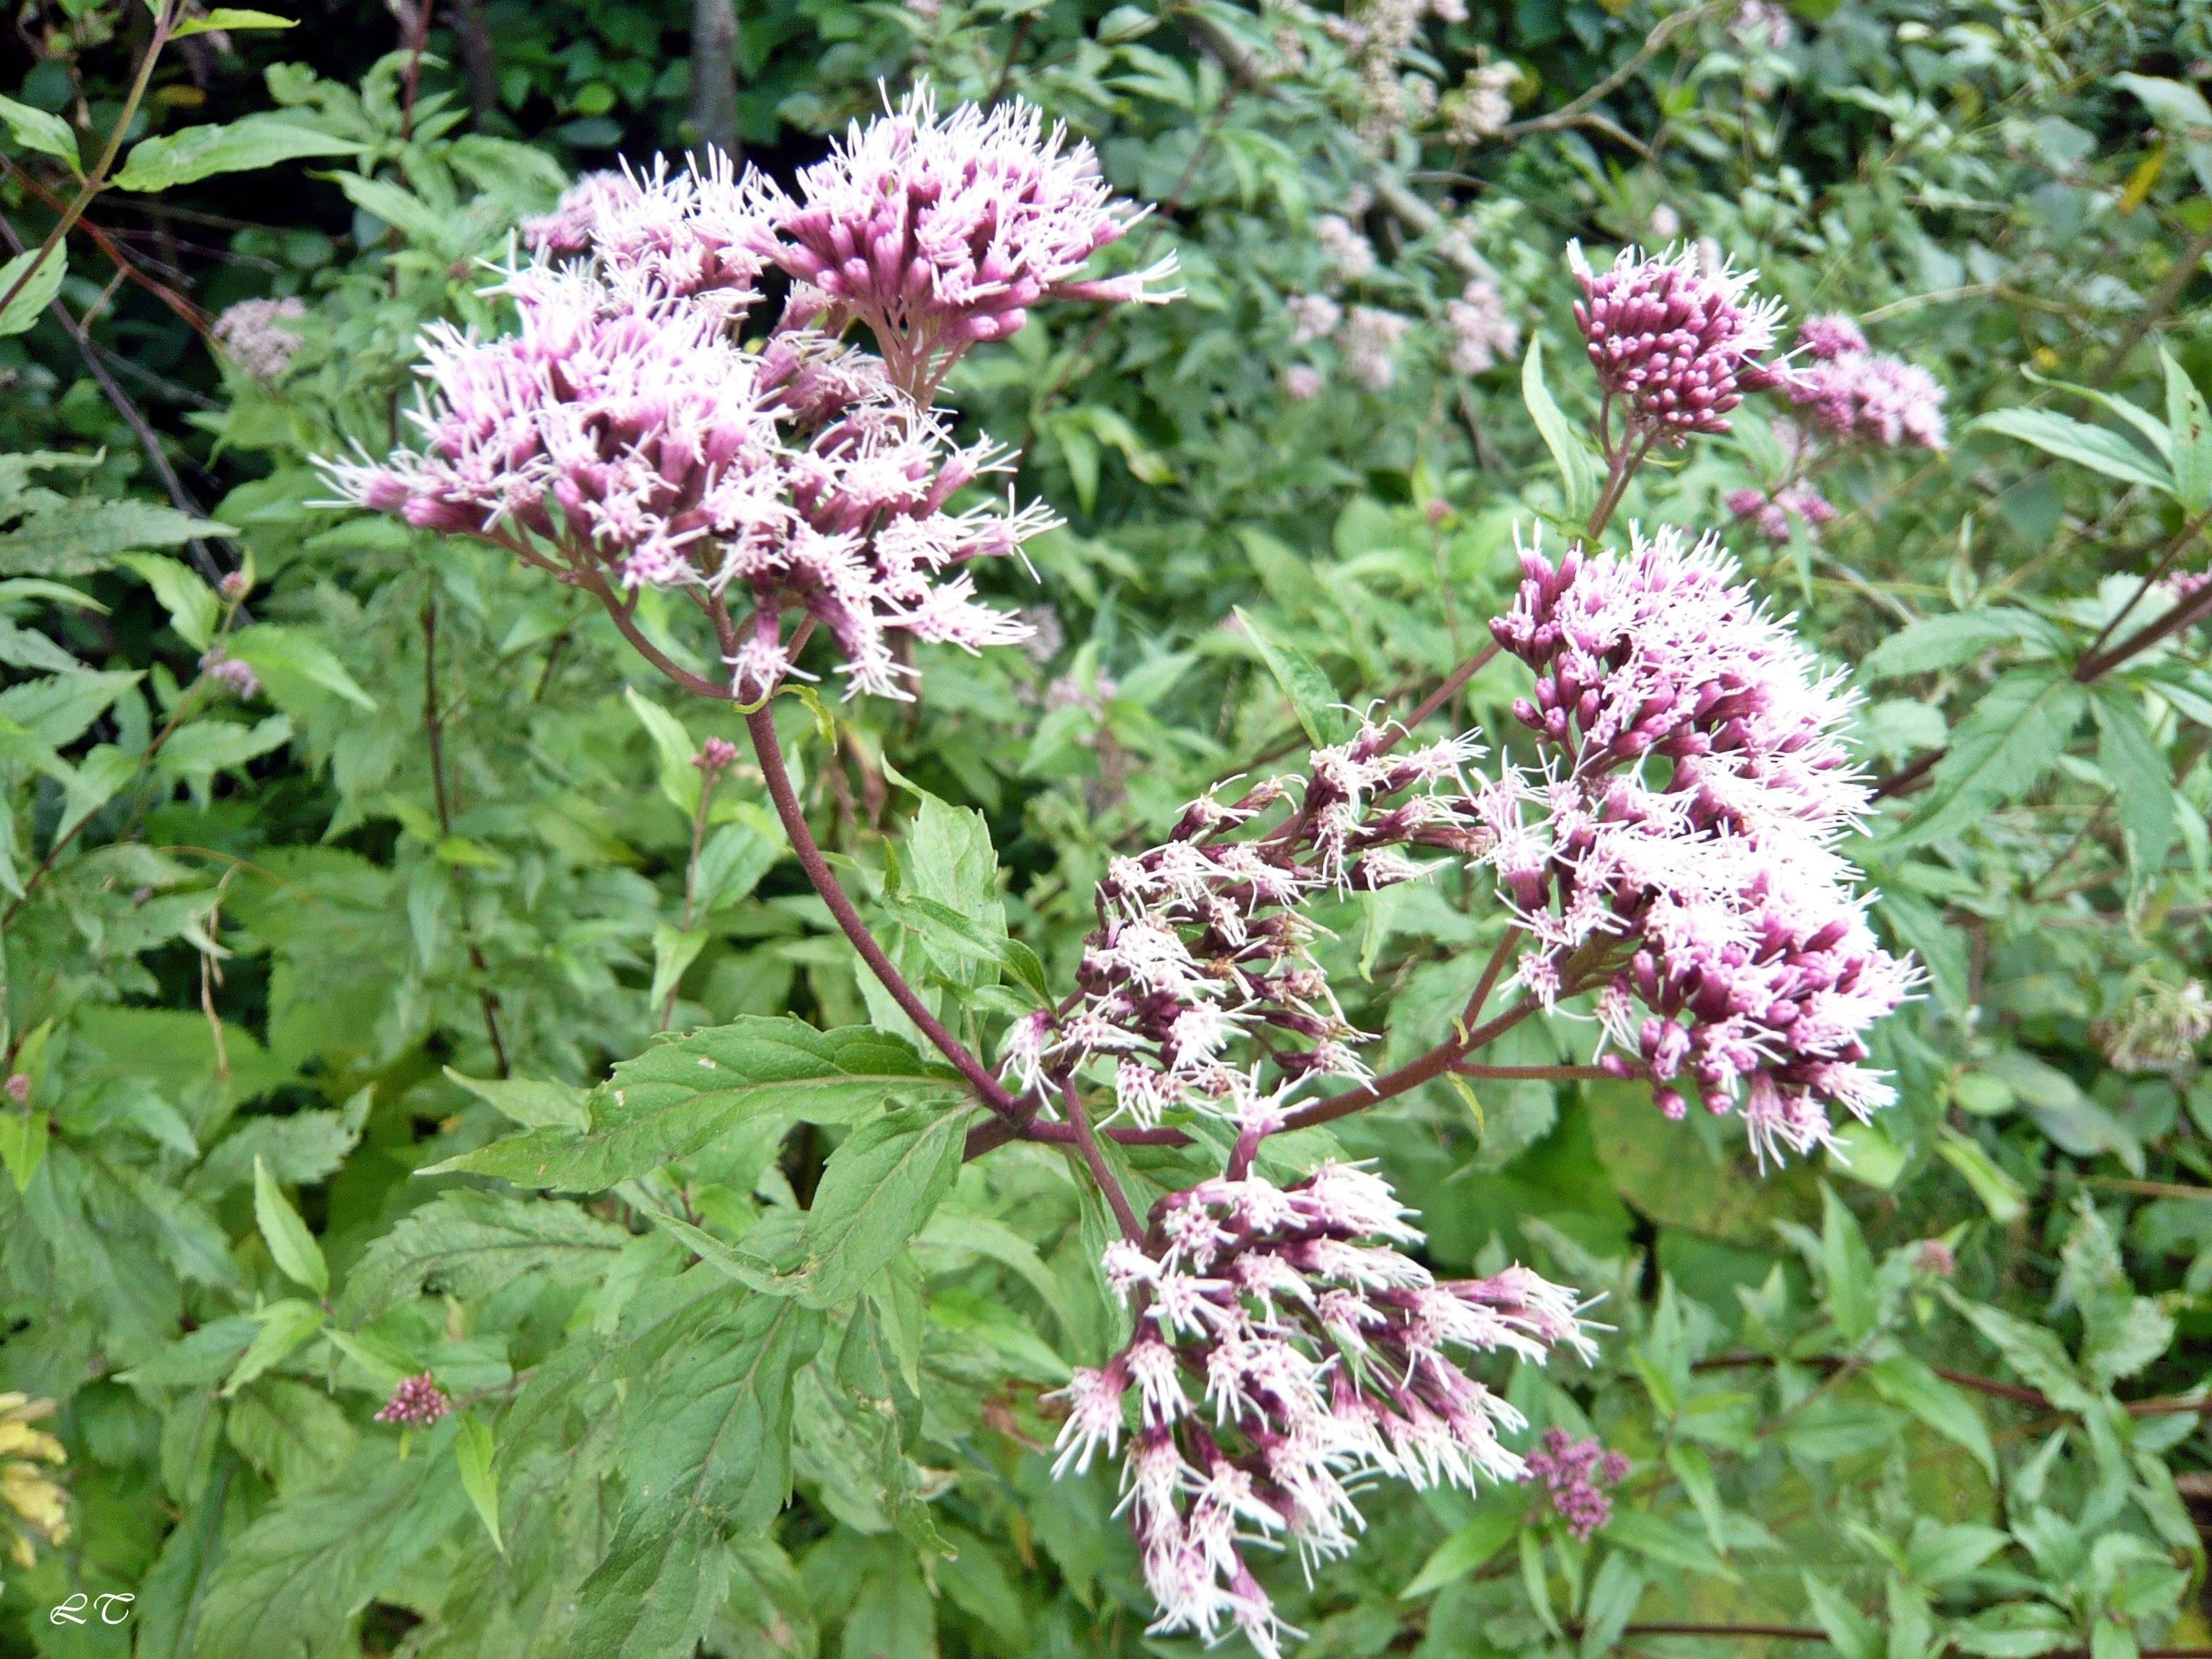 Посконник (47 фото): посадка и уход за цветком в открытом грунте, использование растения в ландшафтном дизайне, описание видов и сортов